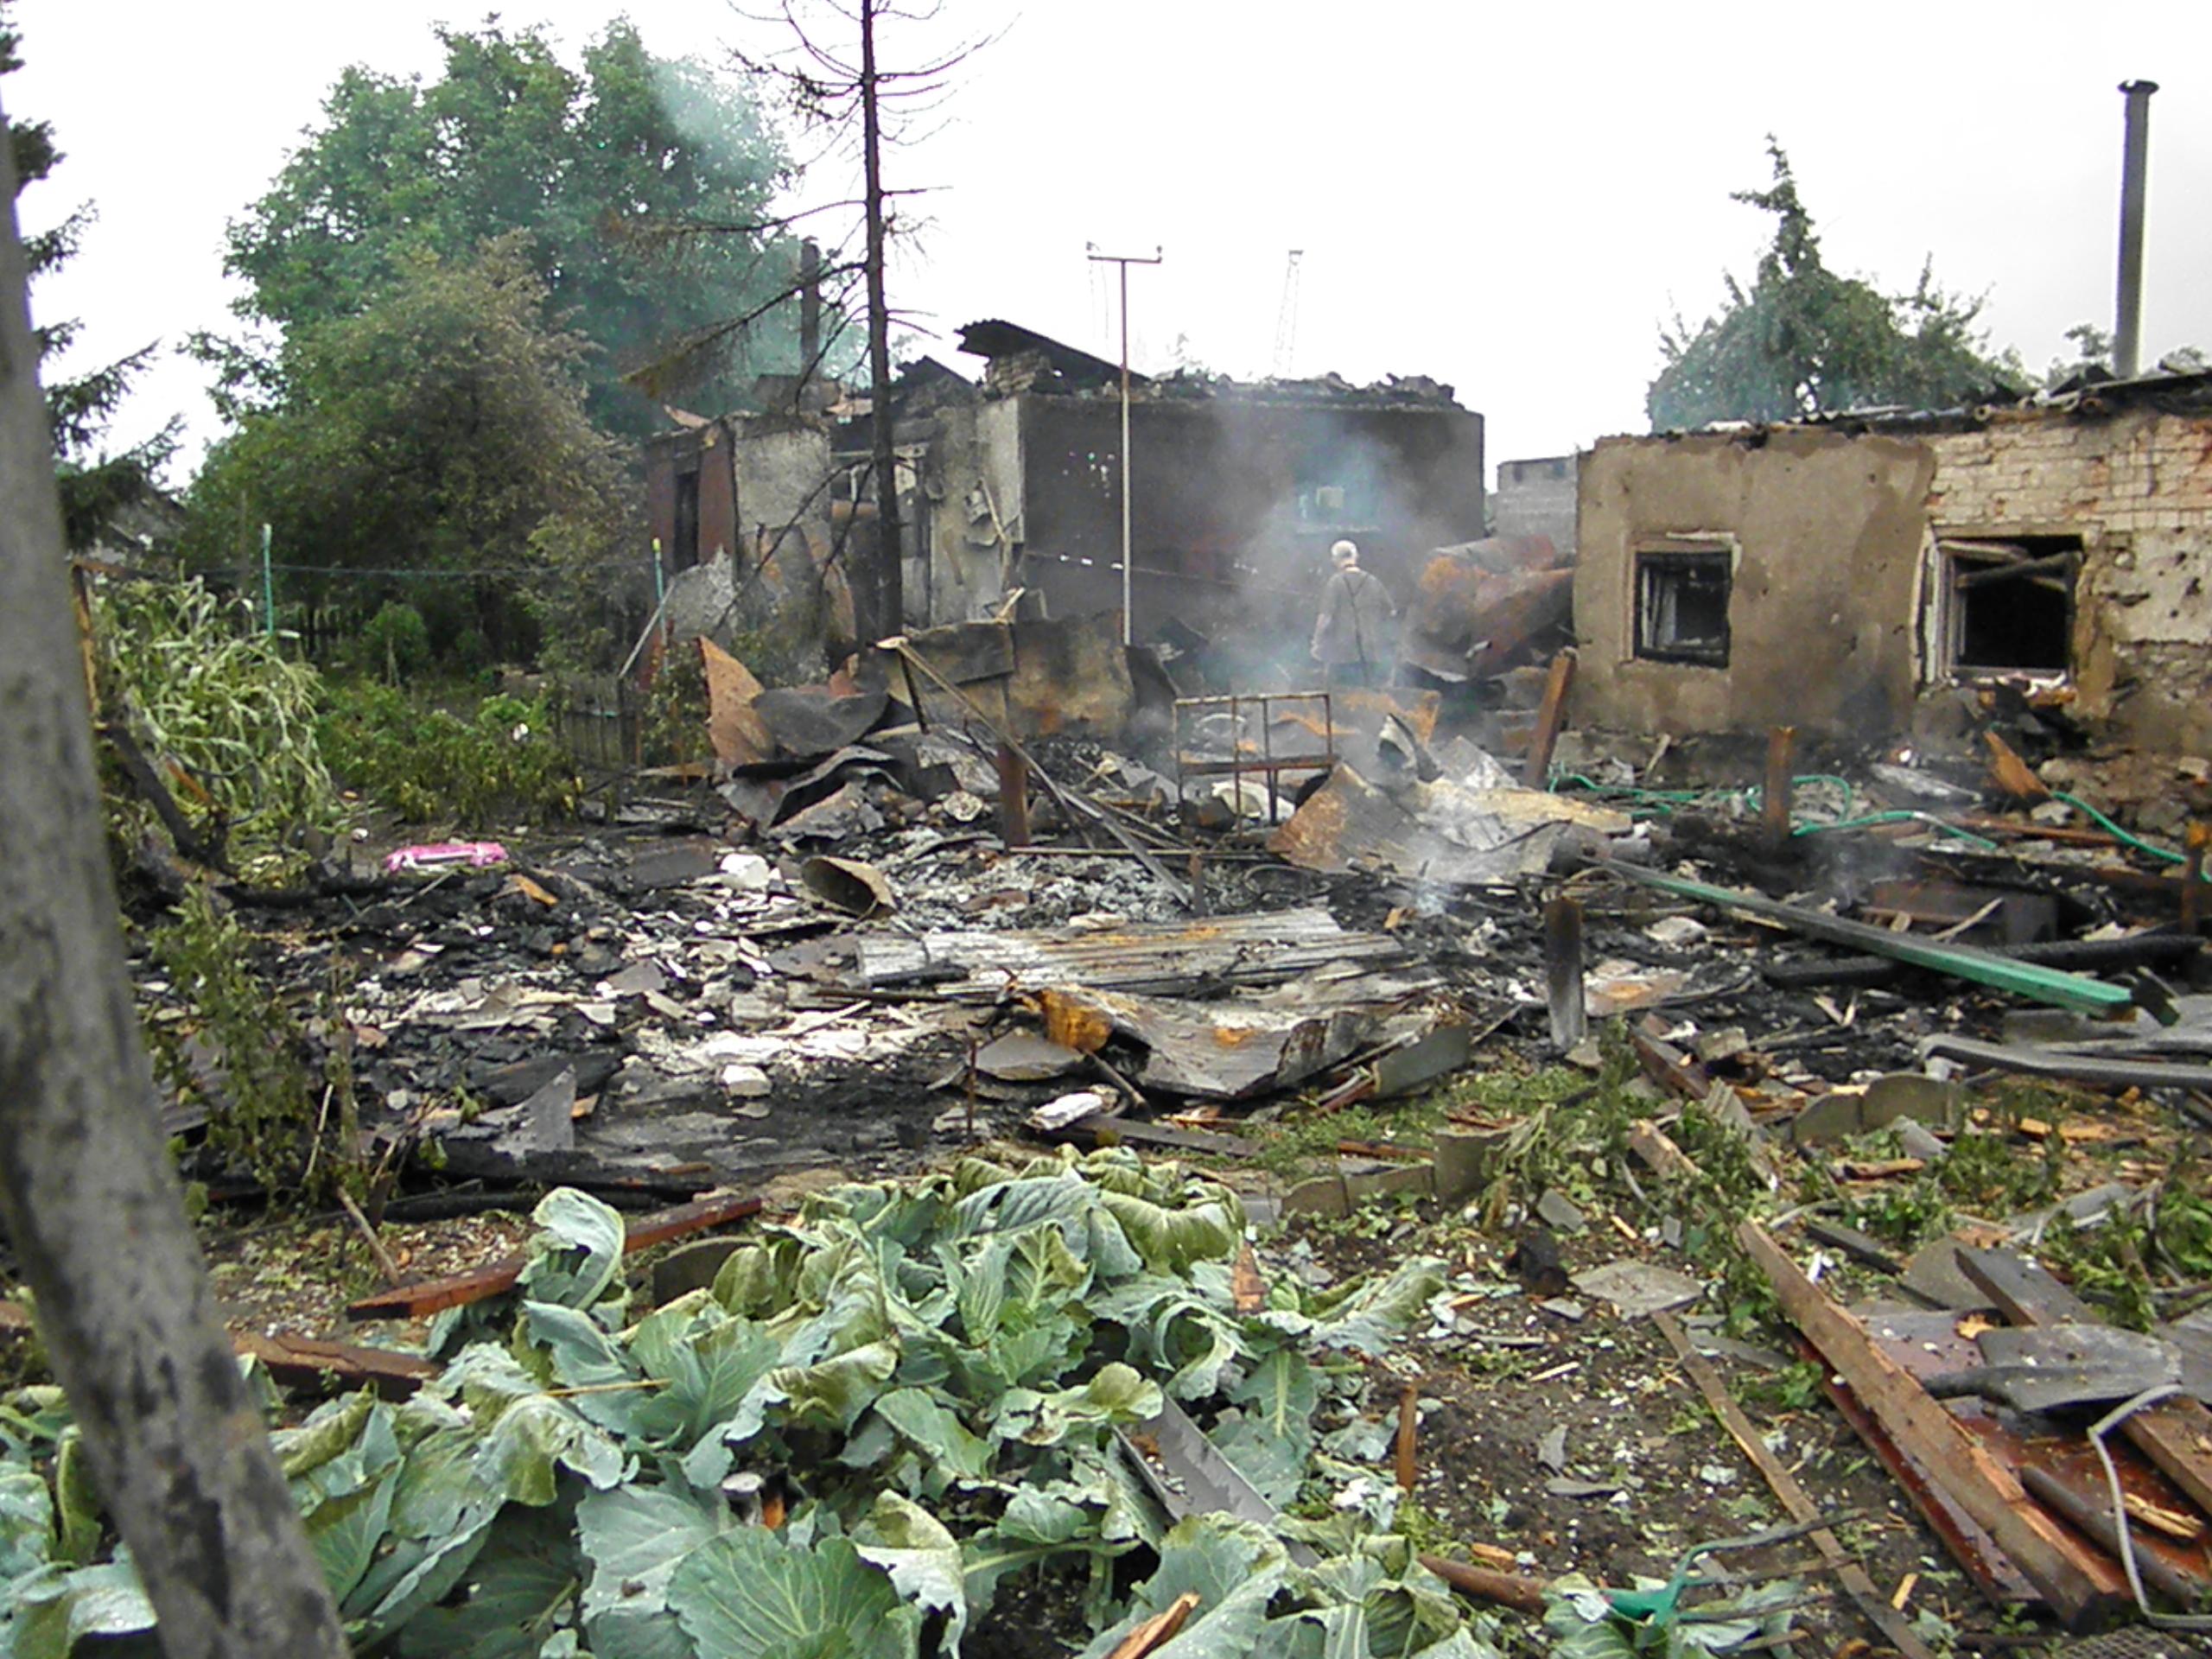 Обстановка в Луганске 26.07: взрывы, залпы и разрушенные дома